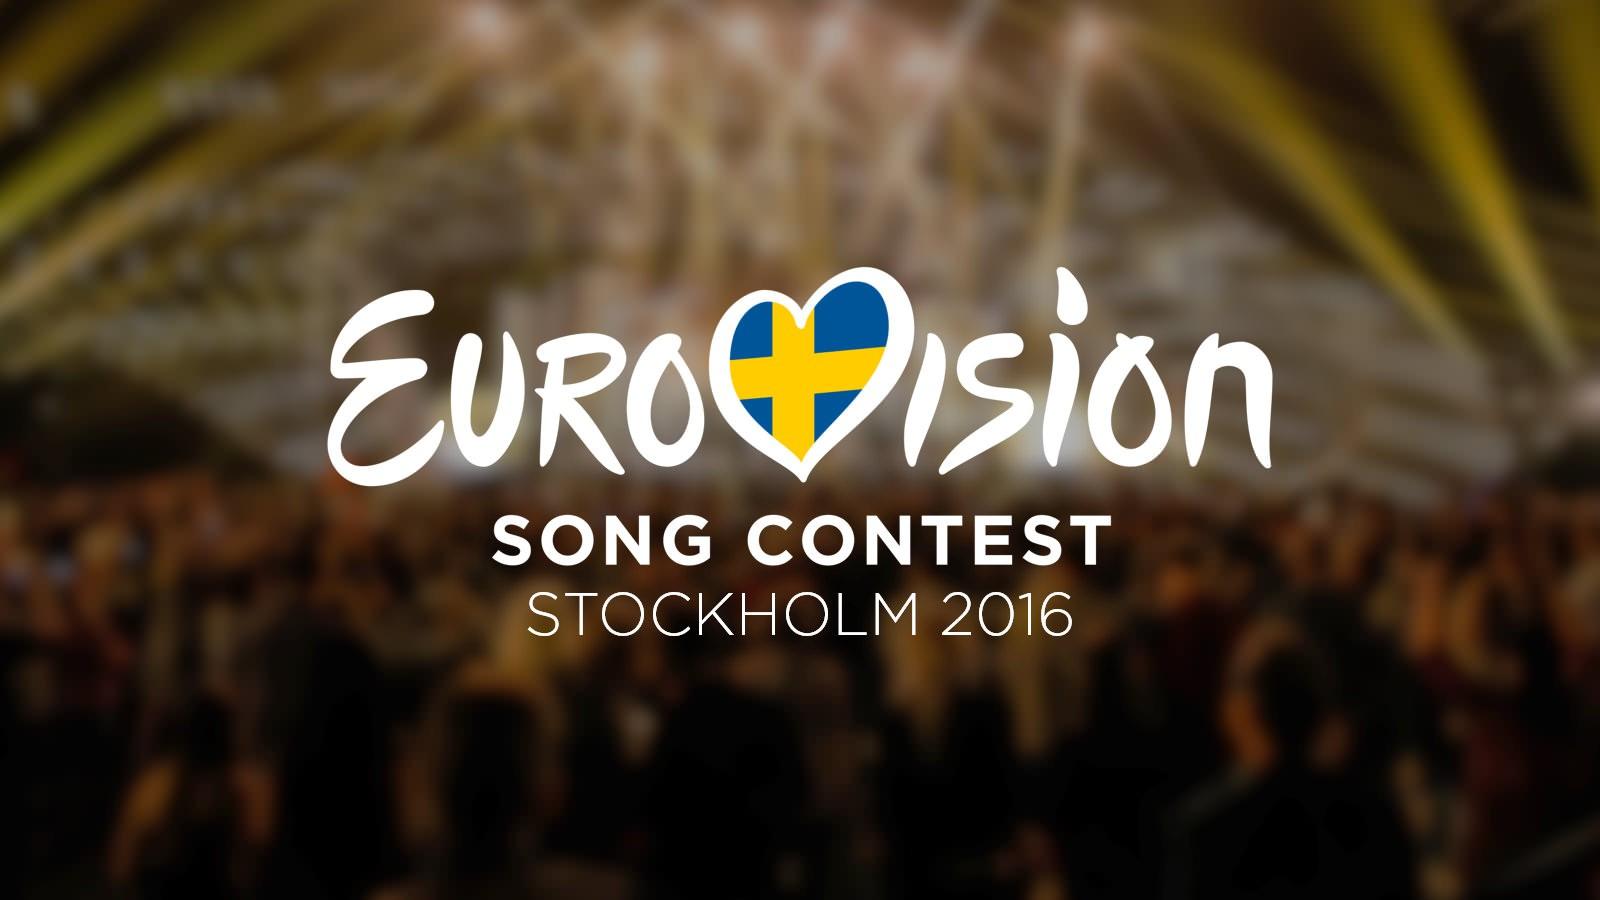 Сегодня в Стокгольме состоится первый полуфинал Евровидения-2016